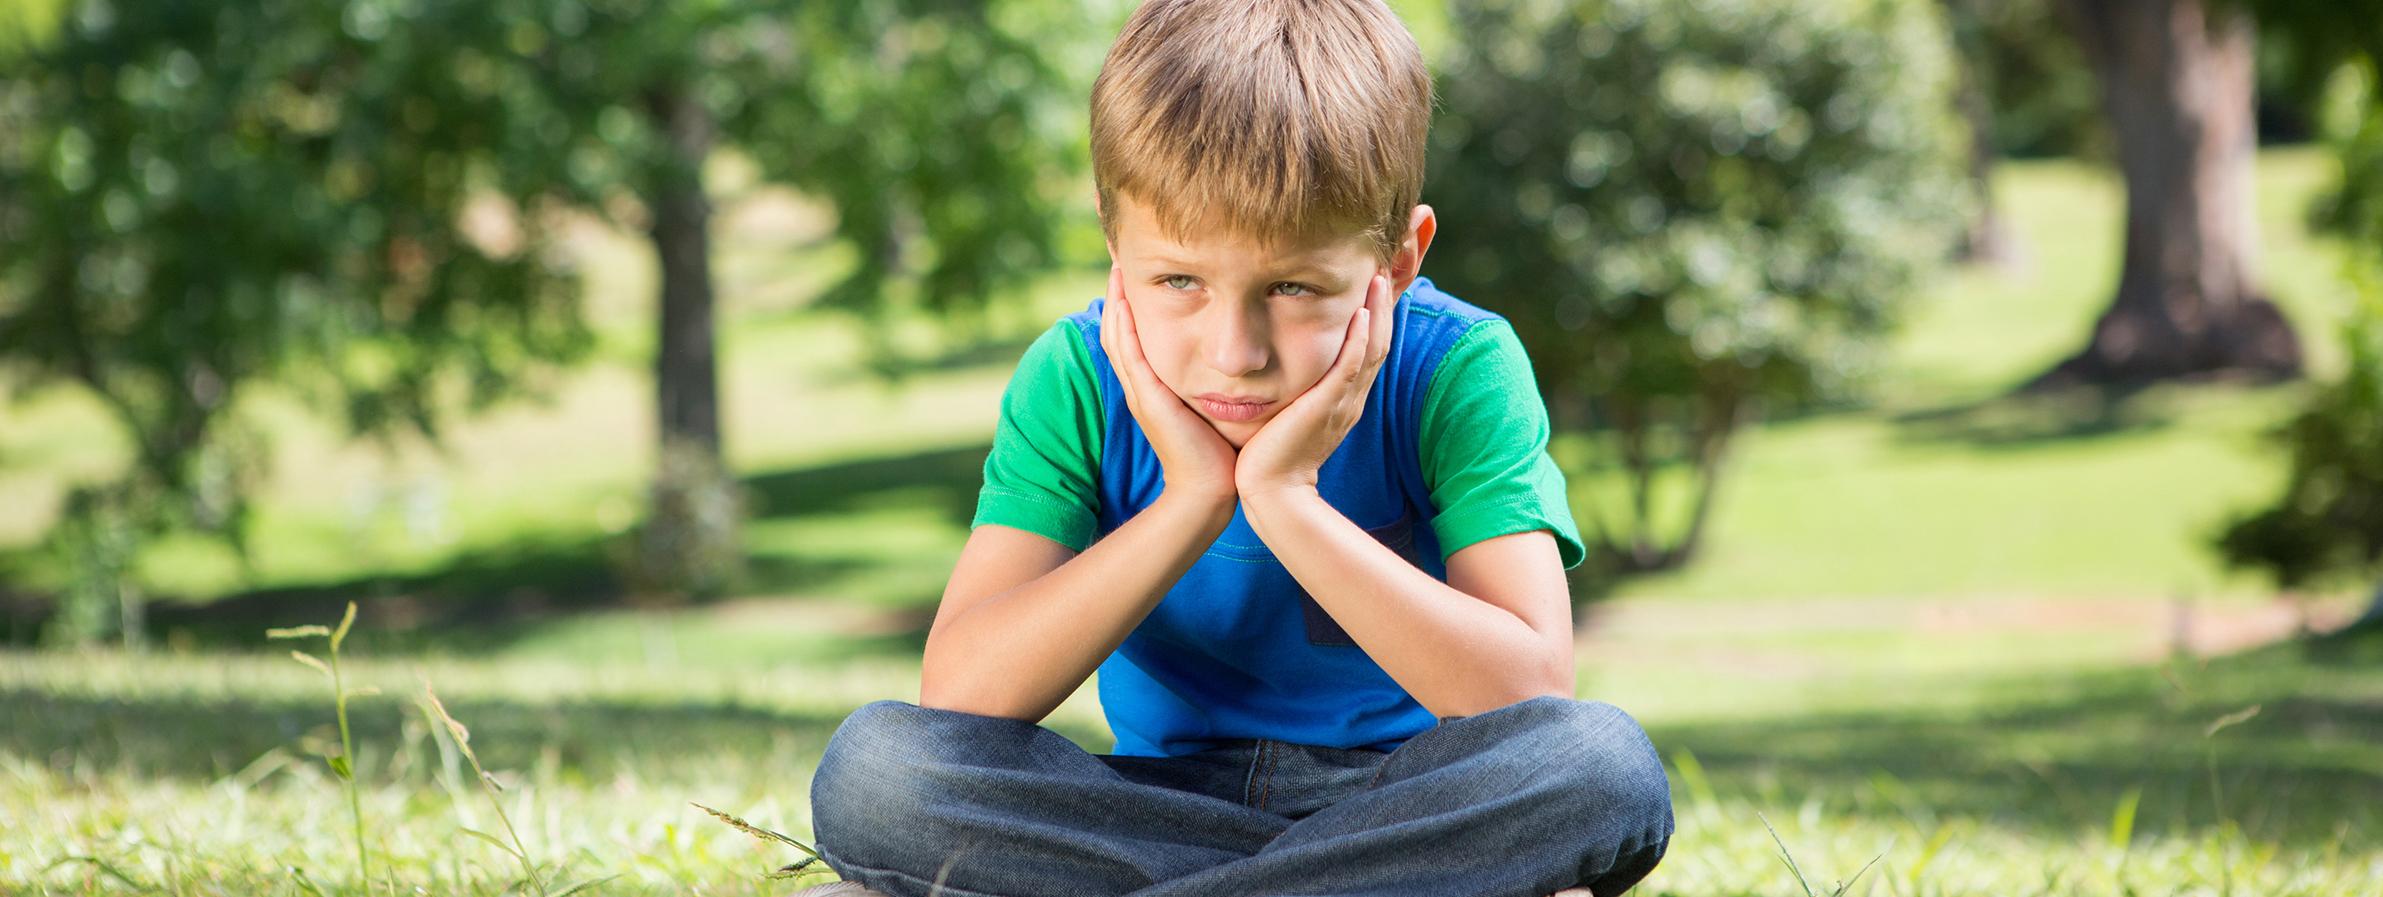 Çocukluk Çağında Depresyon